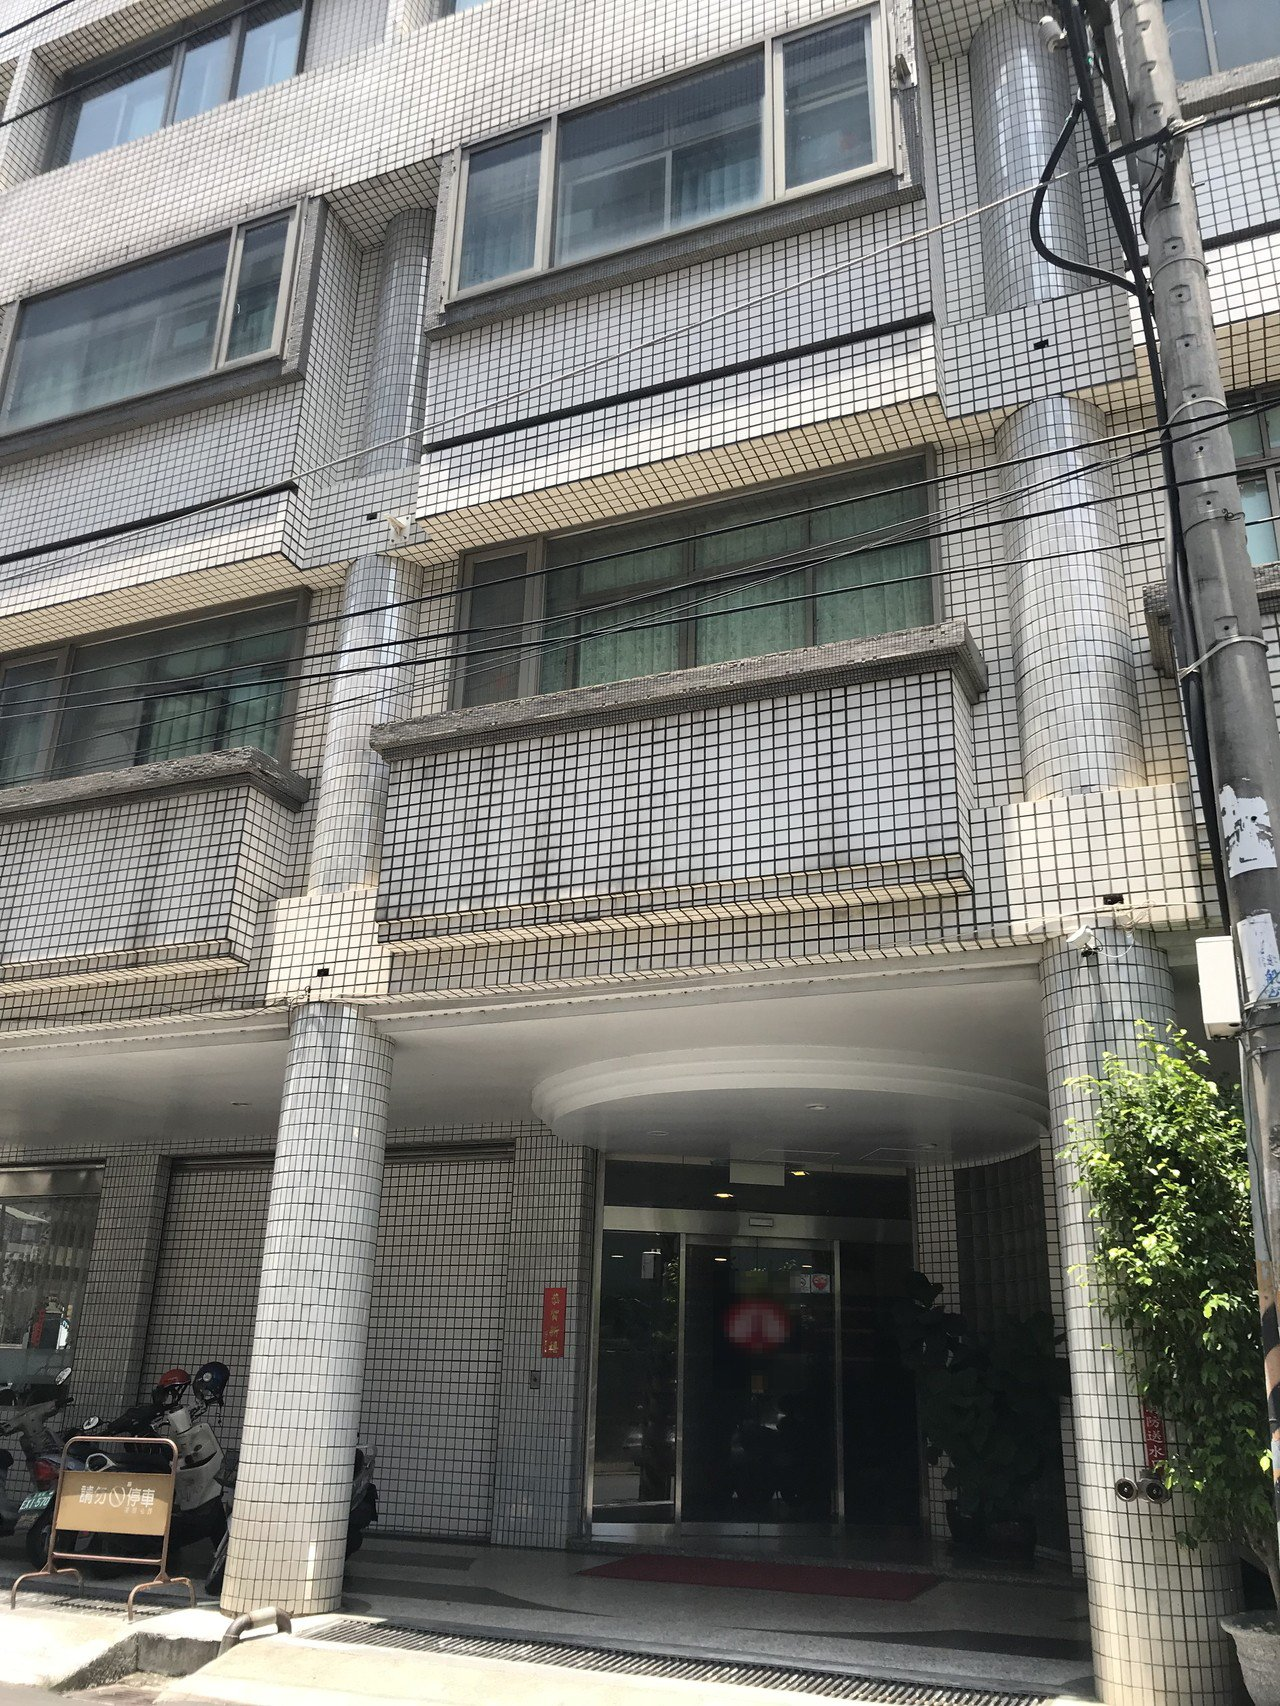 17歲少女疑服用過量毒品,陳屍在台中市一家商務飯店內。記者林佩均/攝影